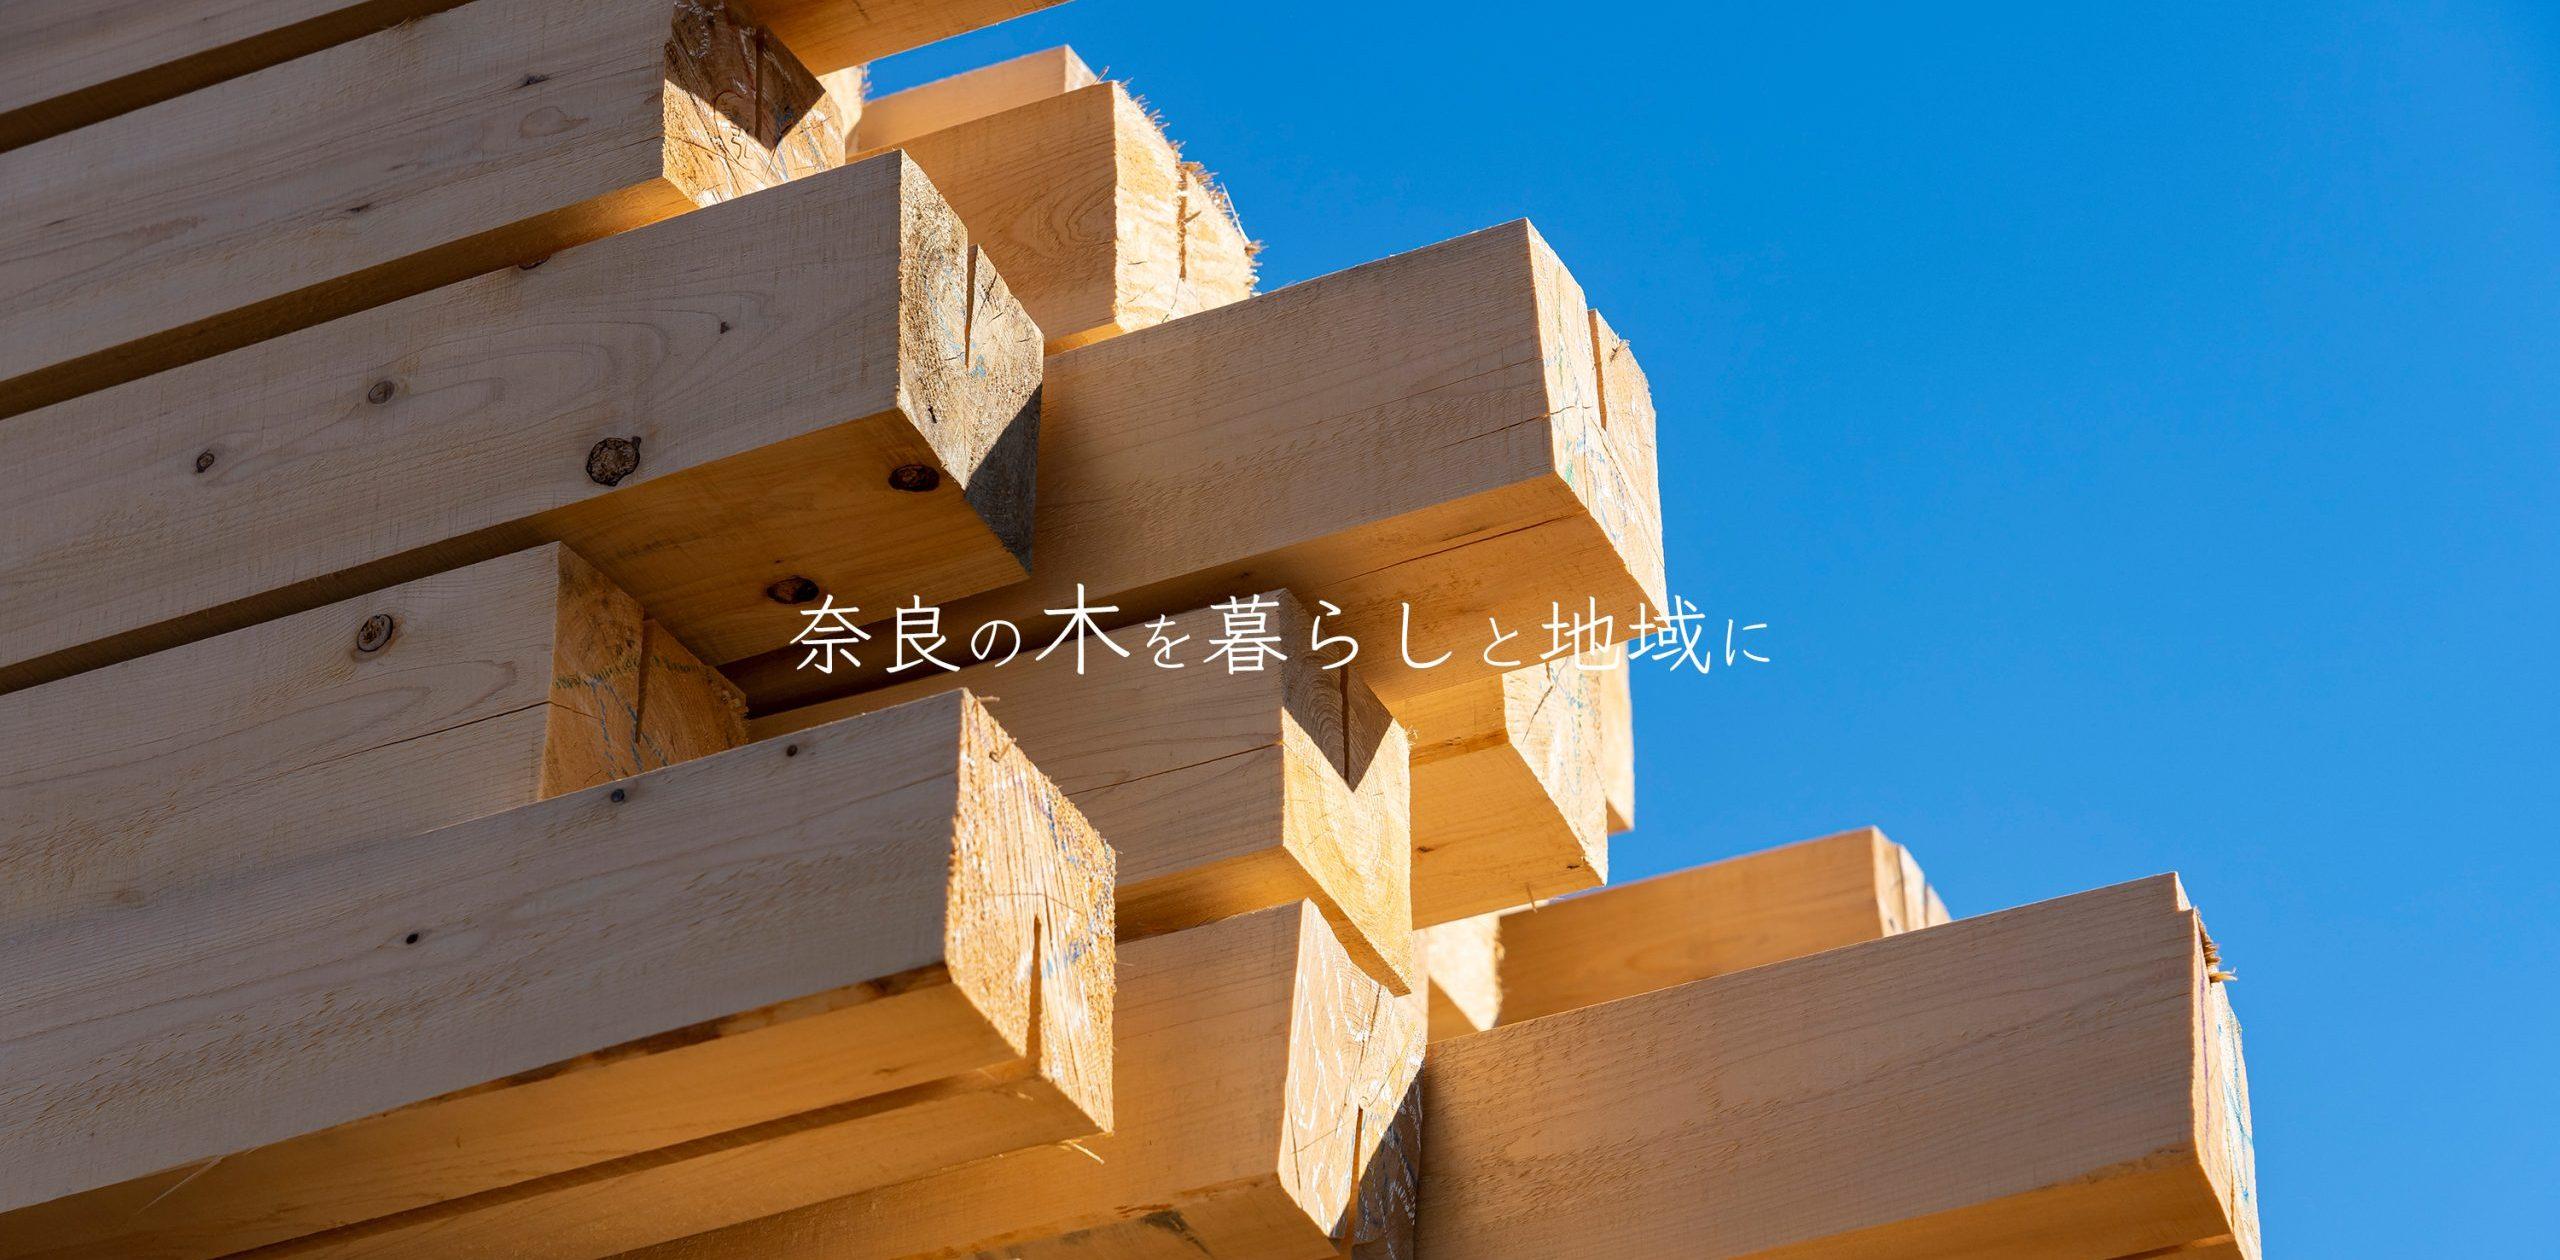 奈良の木を暮らしと地域に